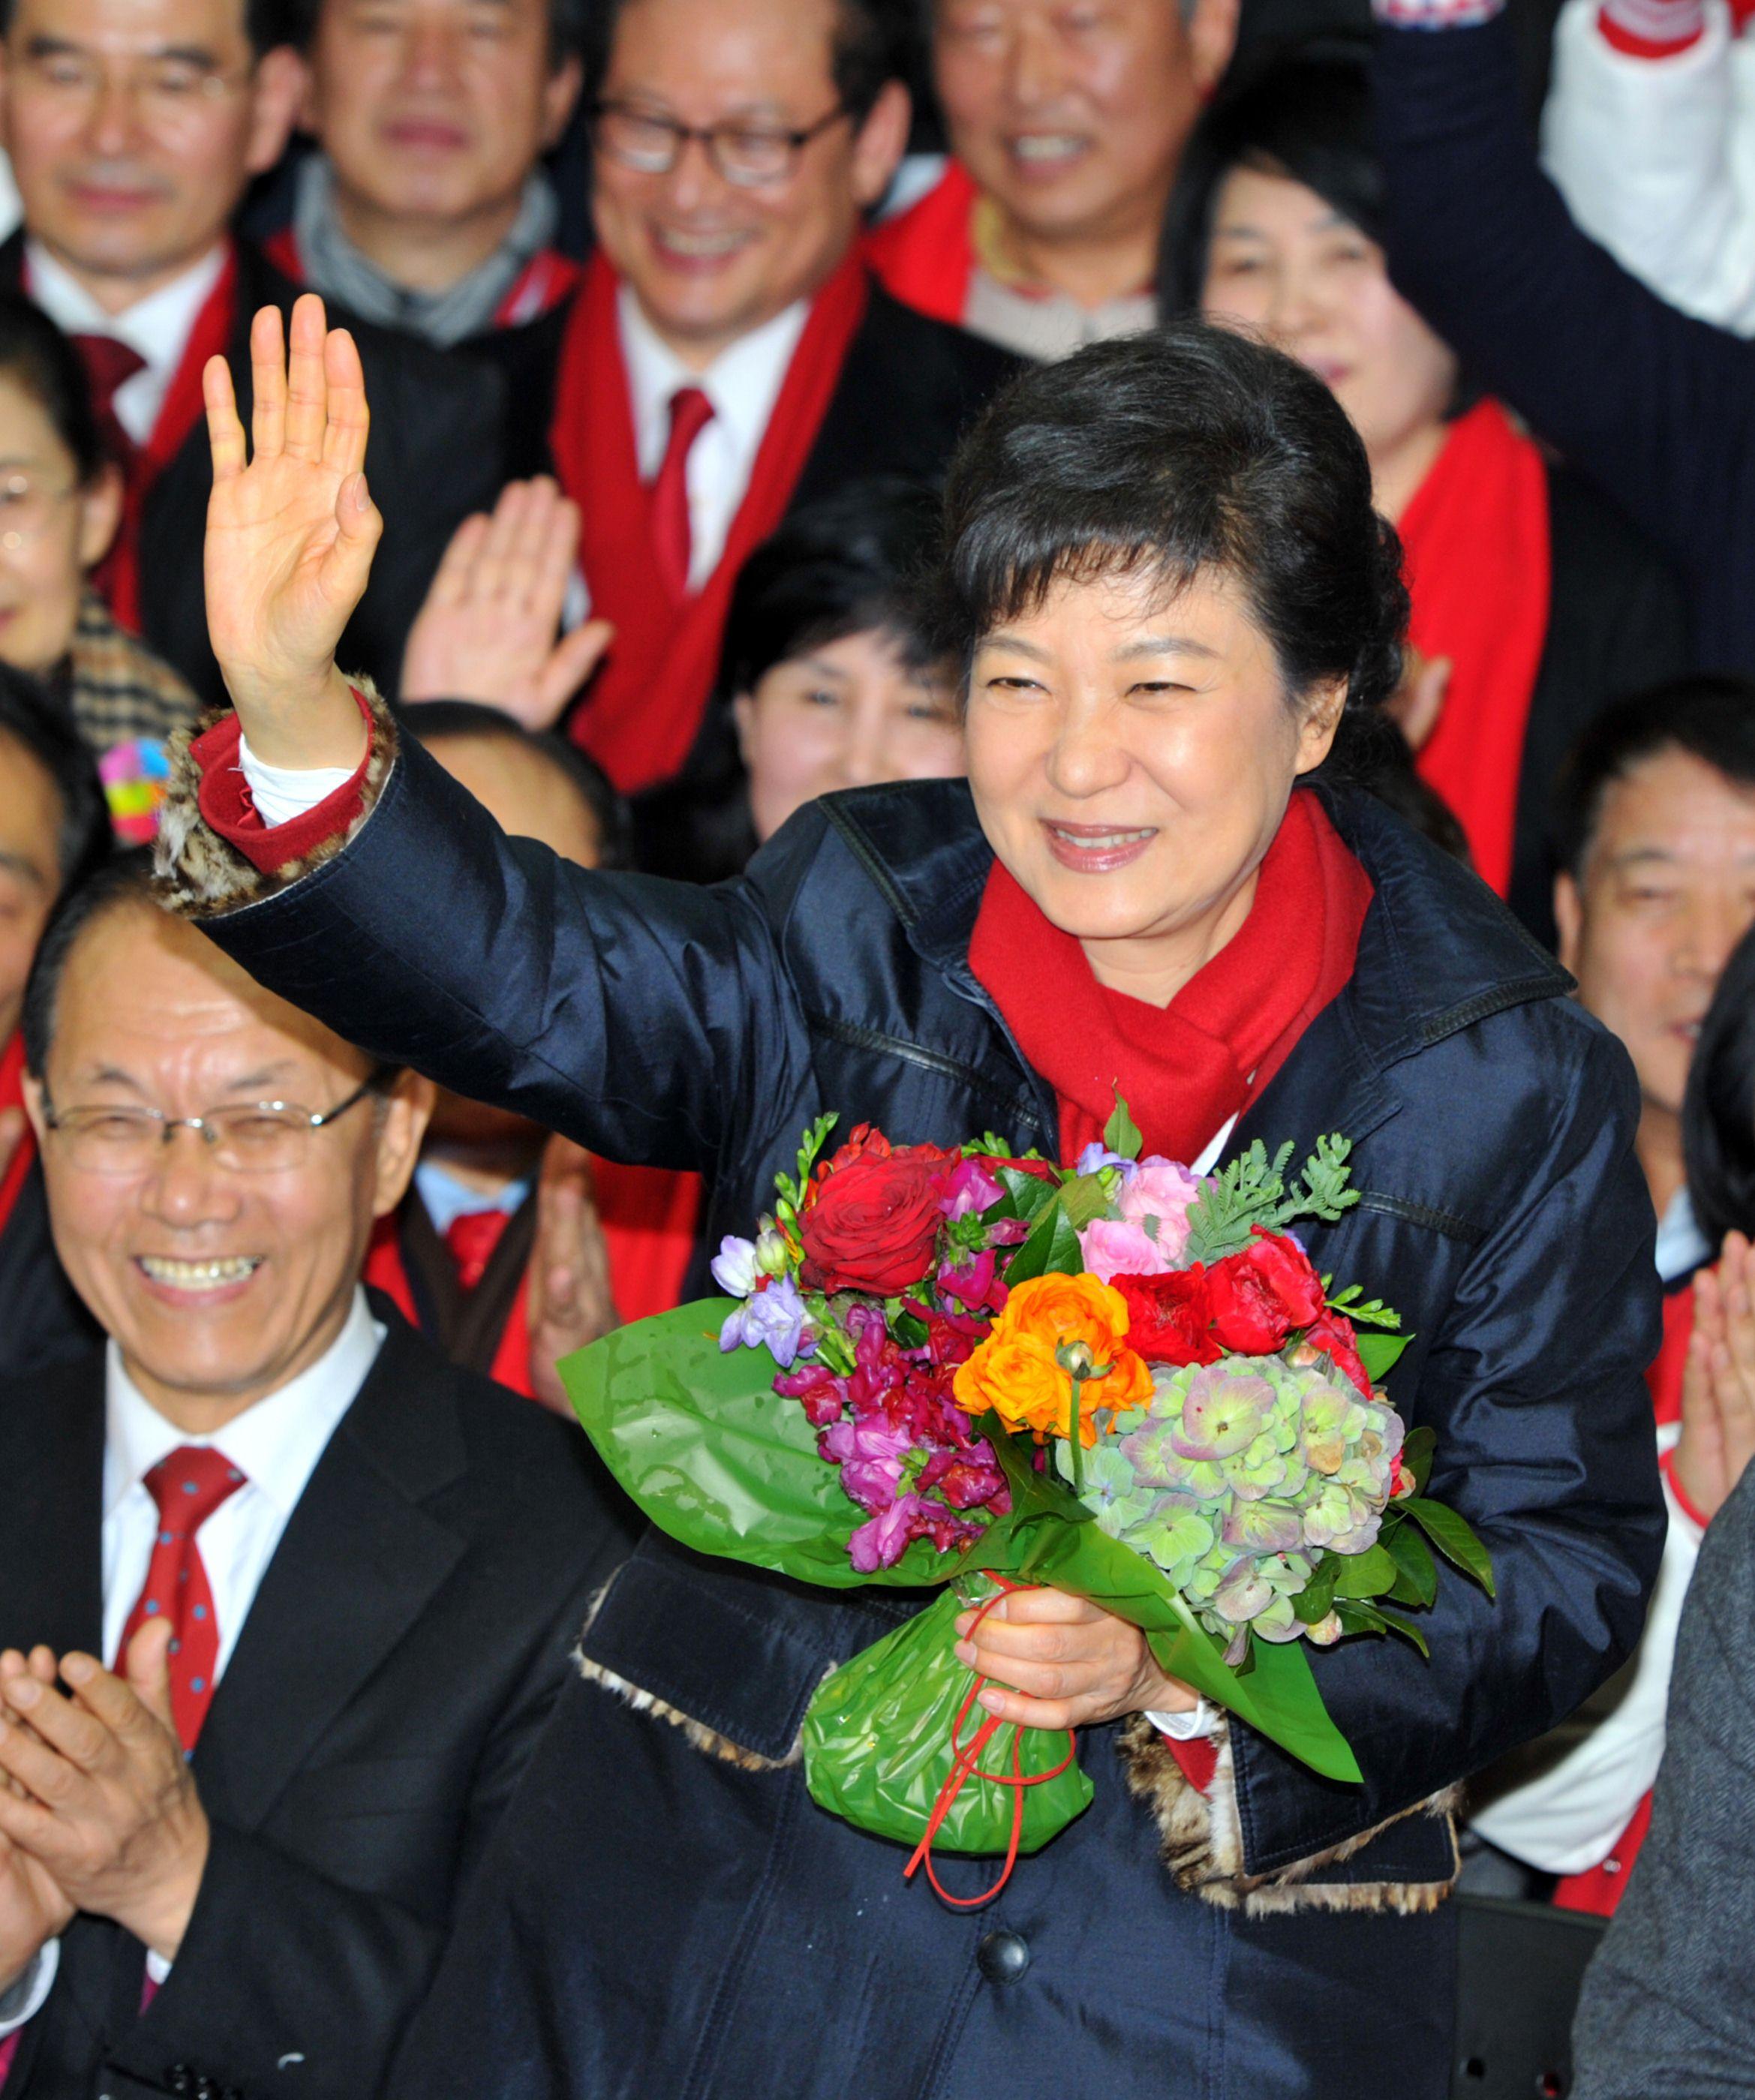 朴槿惠12月19日勝選成為南韓首位女總統,她在首爾的競選總部向支持者揮手致意。圖為2016年Getty Images檔案照